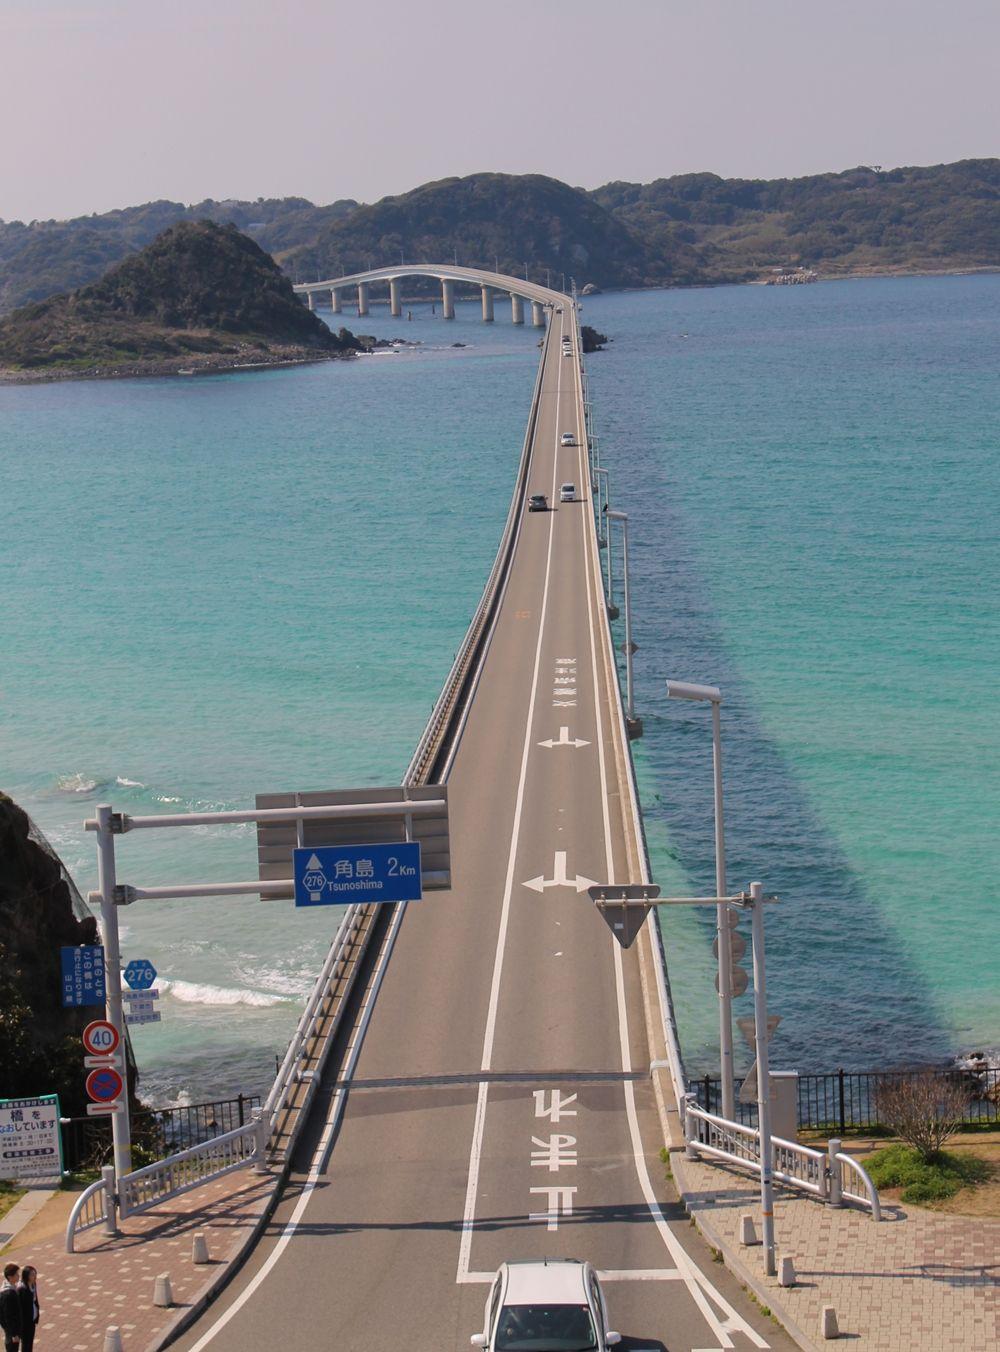 角島大橋の絶景撮影スポット「海士ヶ瀬公園駐車場」と展望台